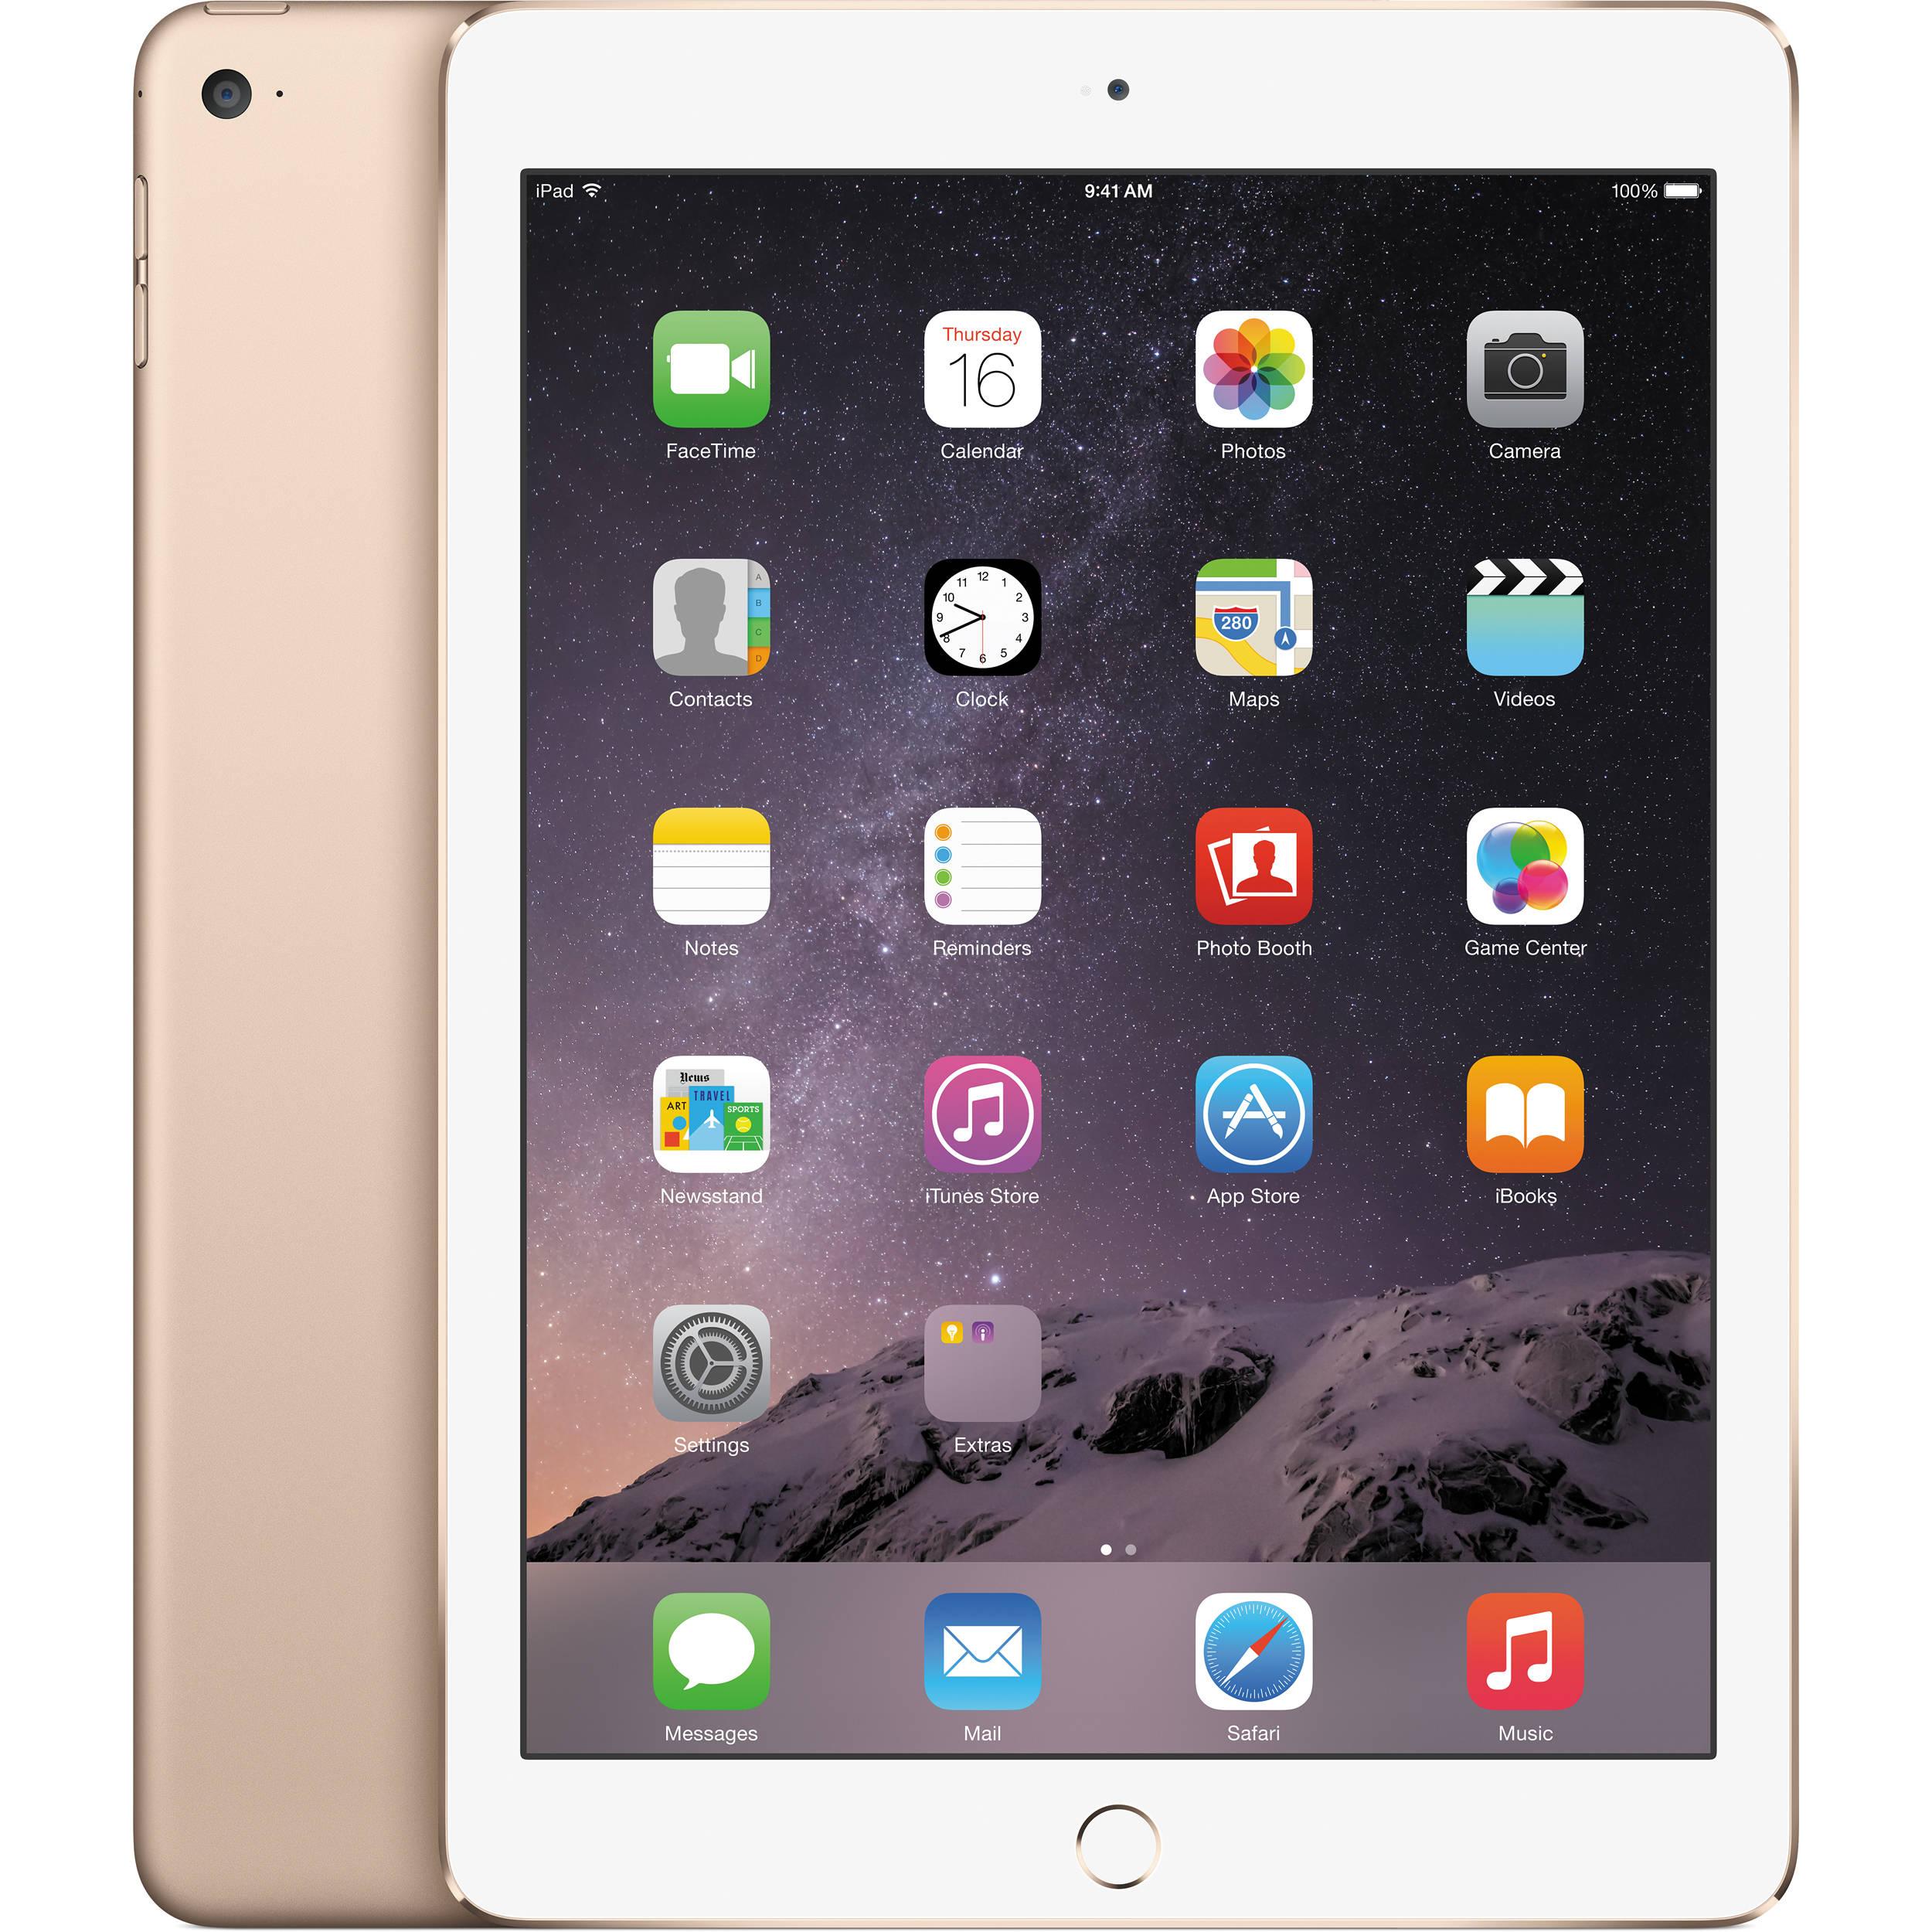 Neue Preise bei Apple im Refurbished Store, z.B iPad Air 2 64GB WiFi für 409€ statt 449€